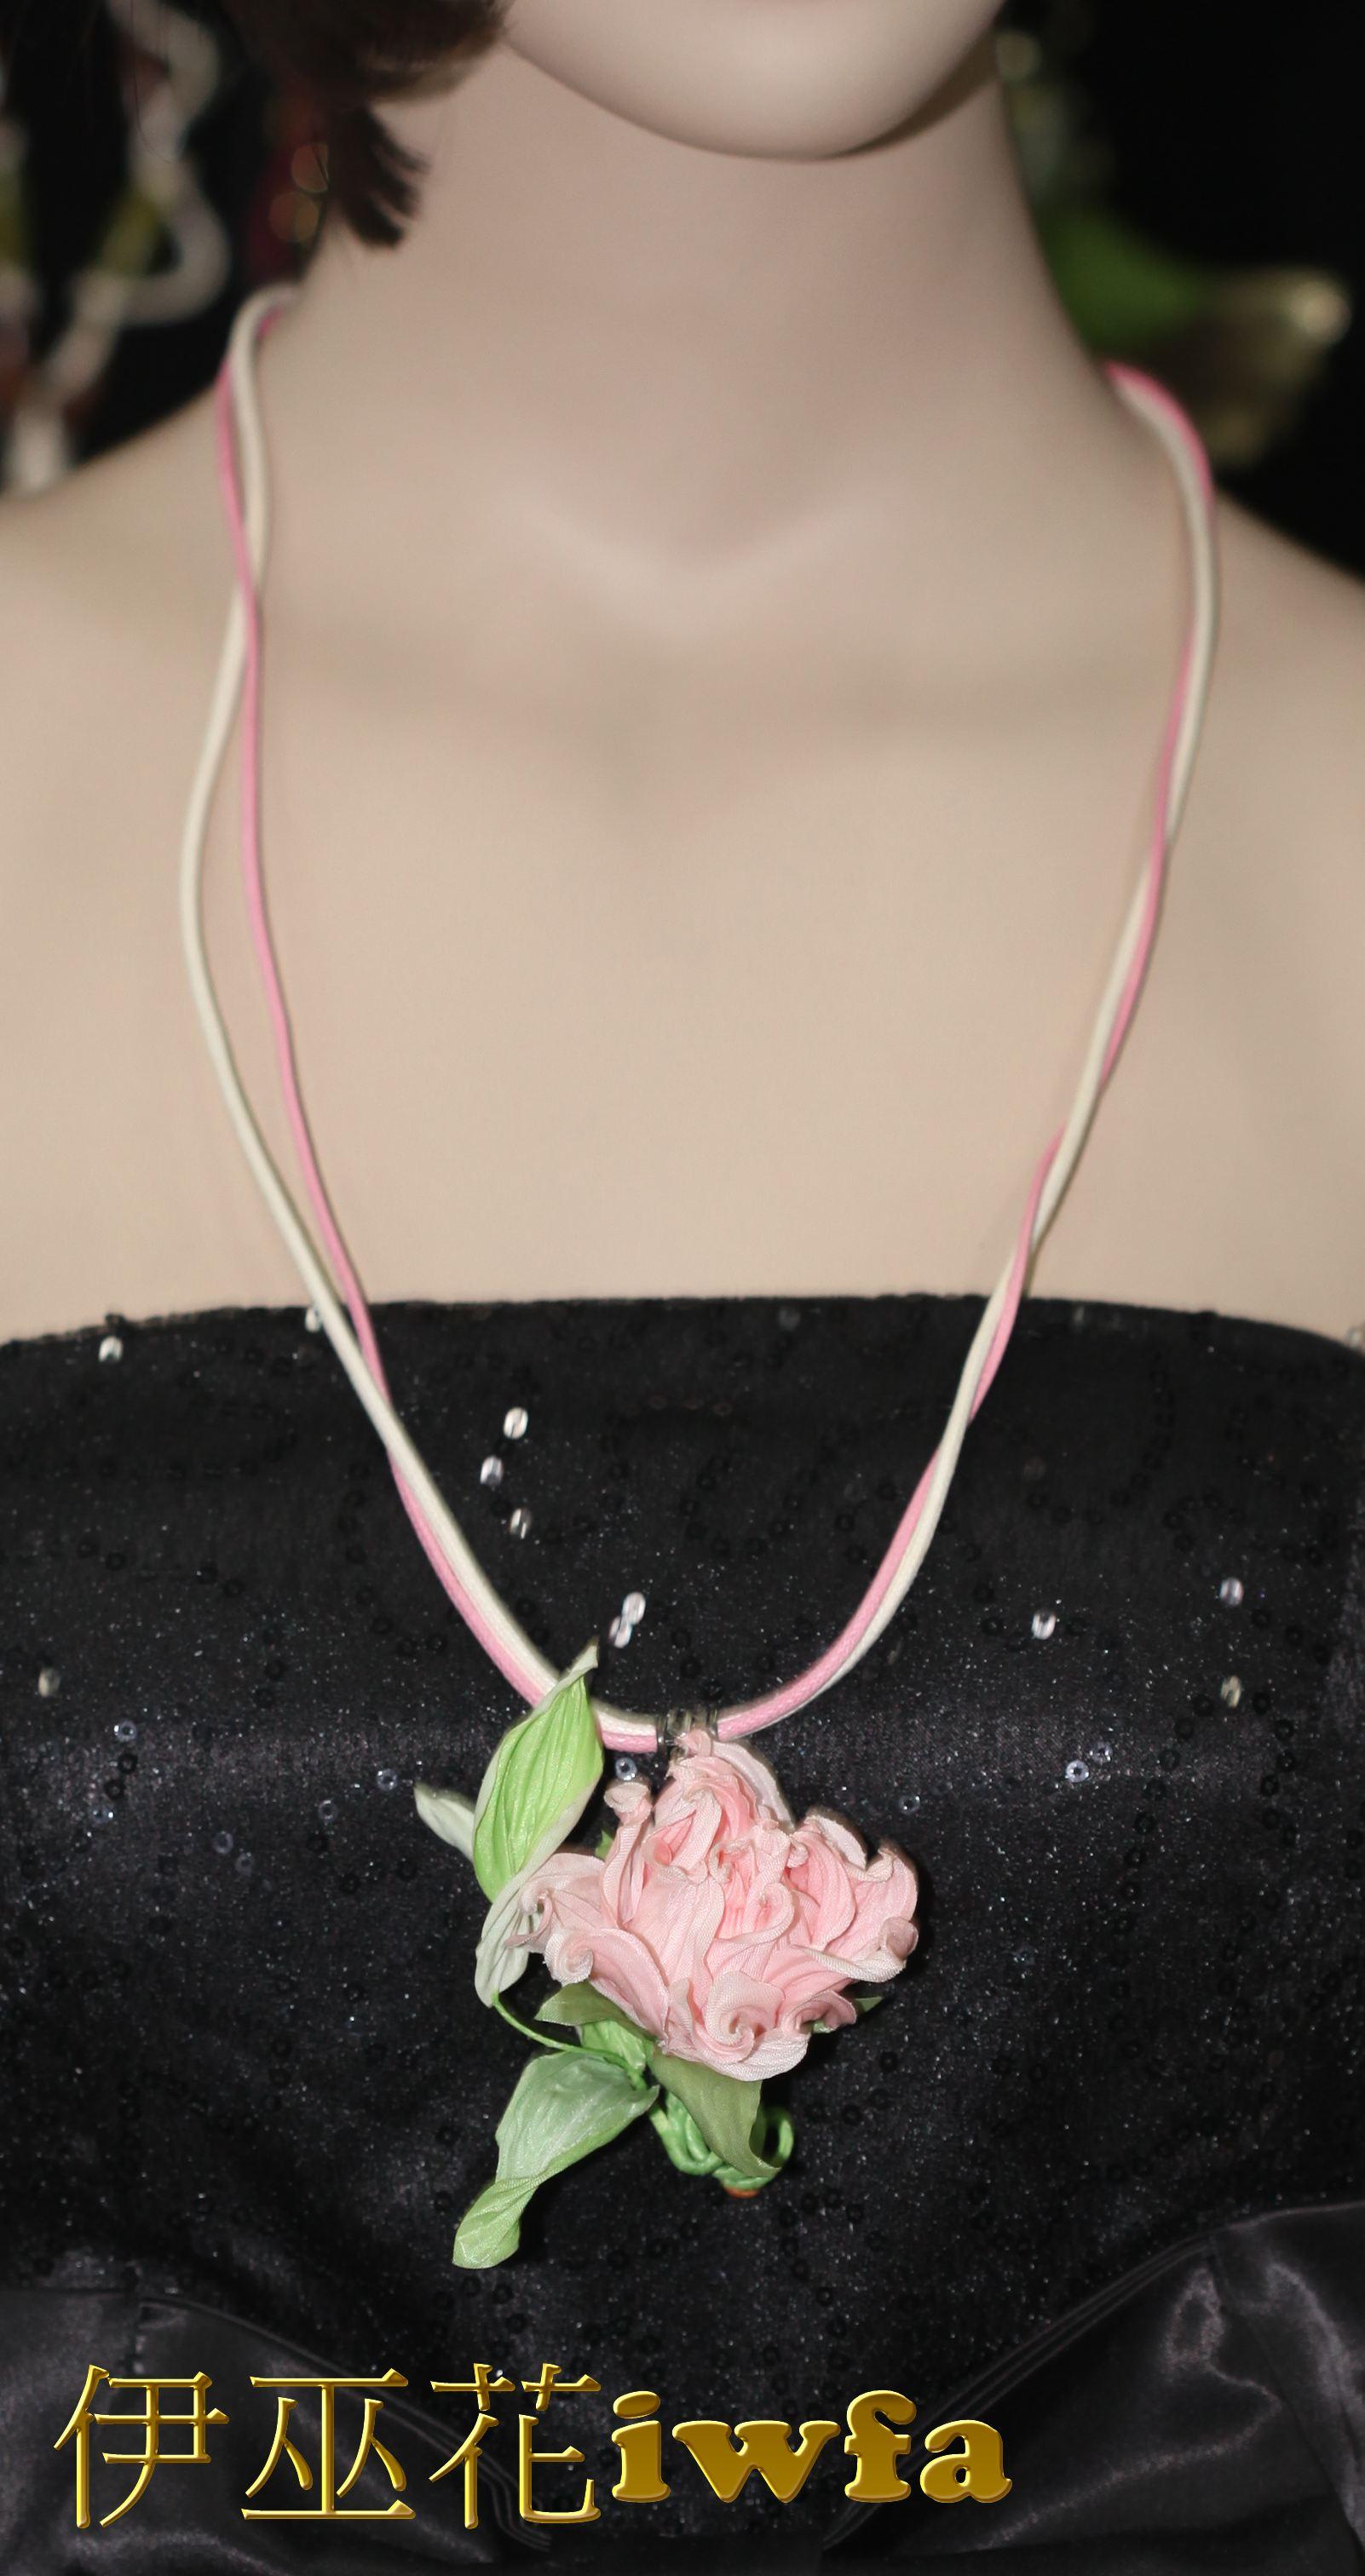 民俗風-藤蔓上的玫瑰花--粉色